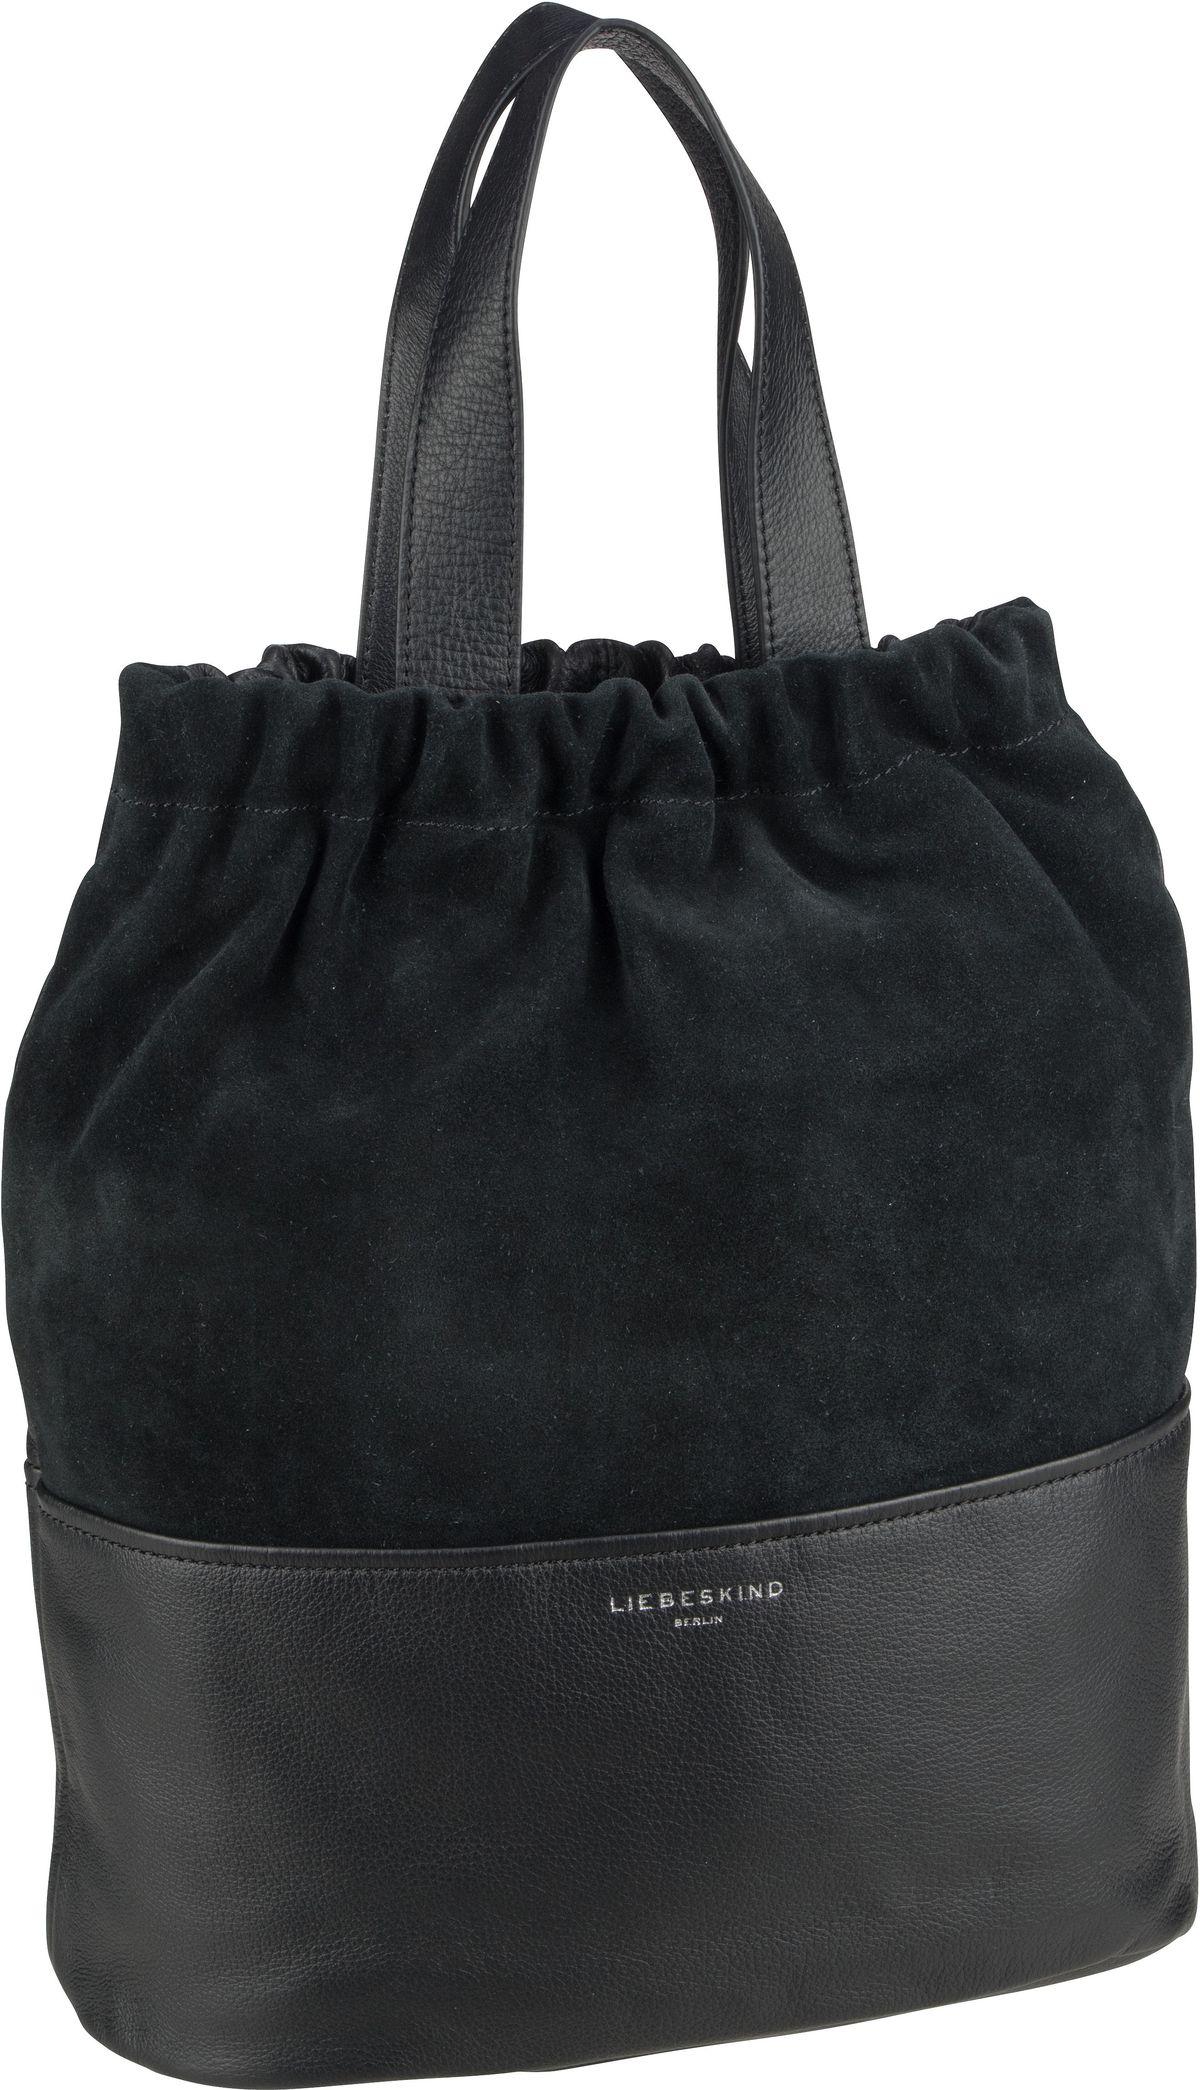 Berlin Handtasche Upsidedown Tote M Black